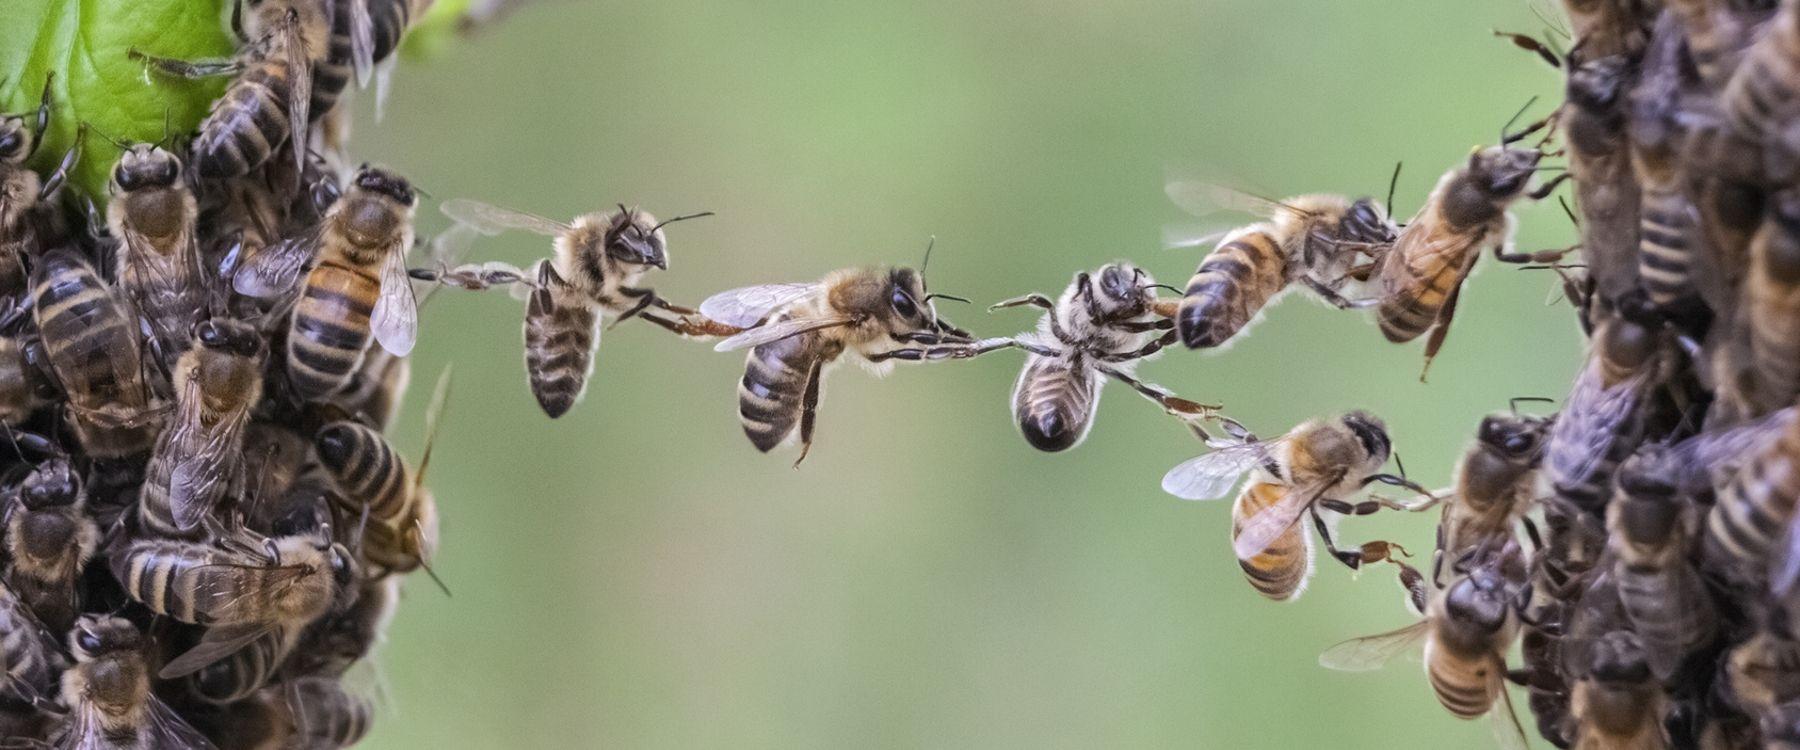 てめえらサラリーマンは、働き蜂なの!